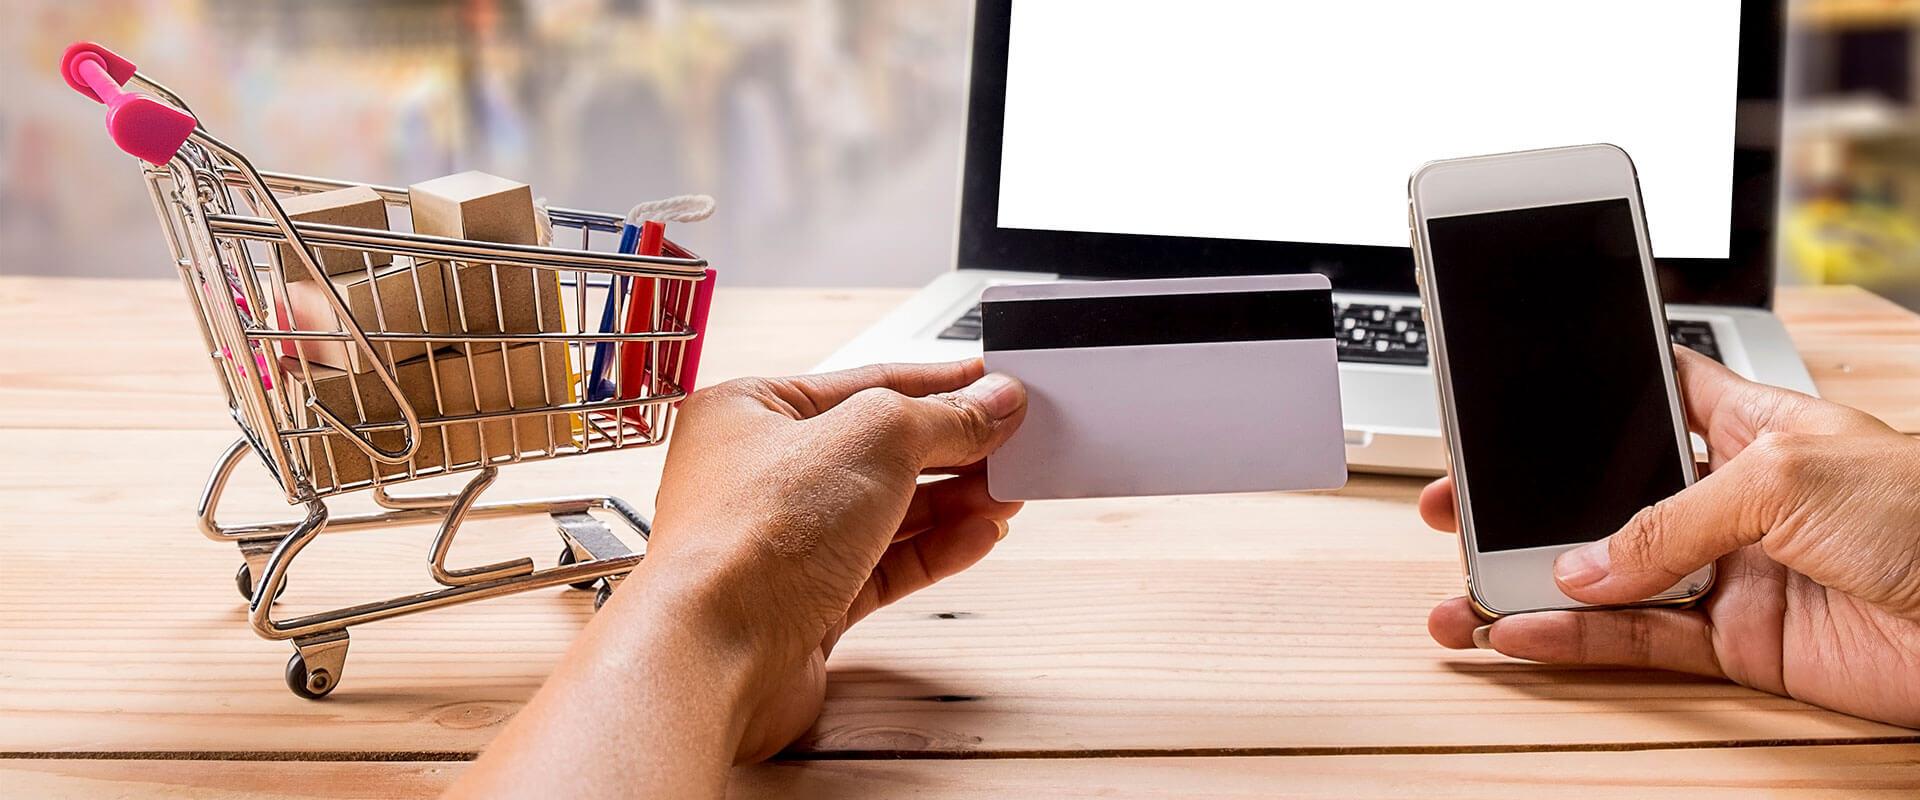 Persona comprando por internet en la página de Inova.